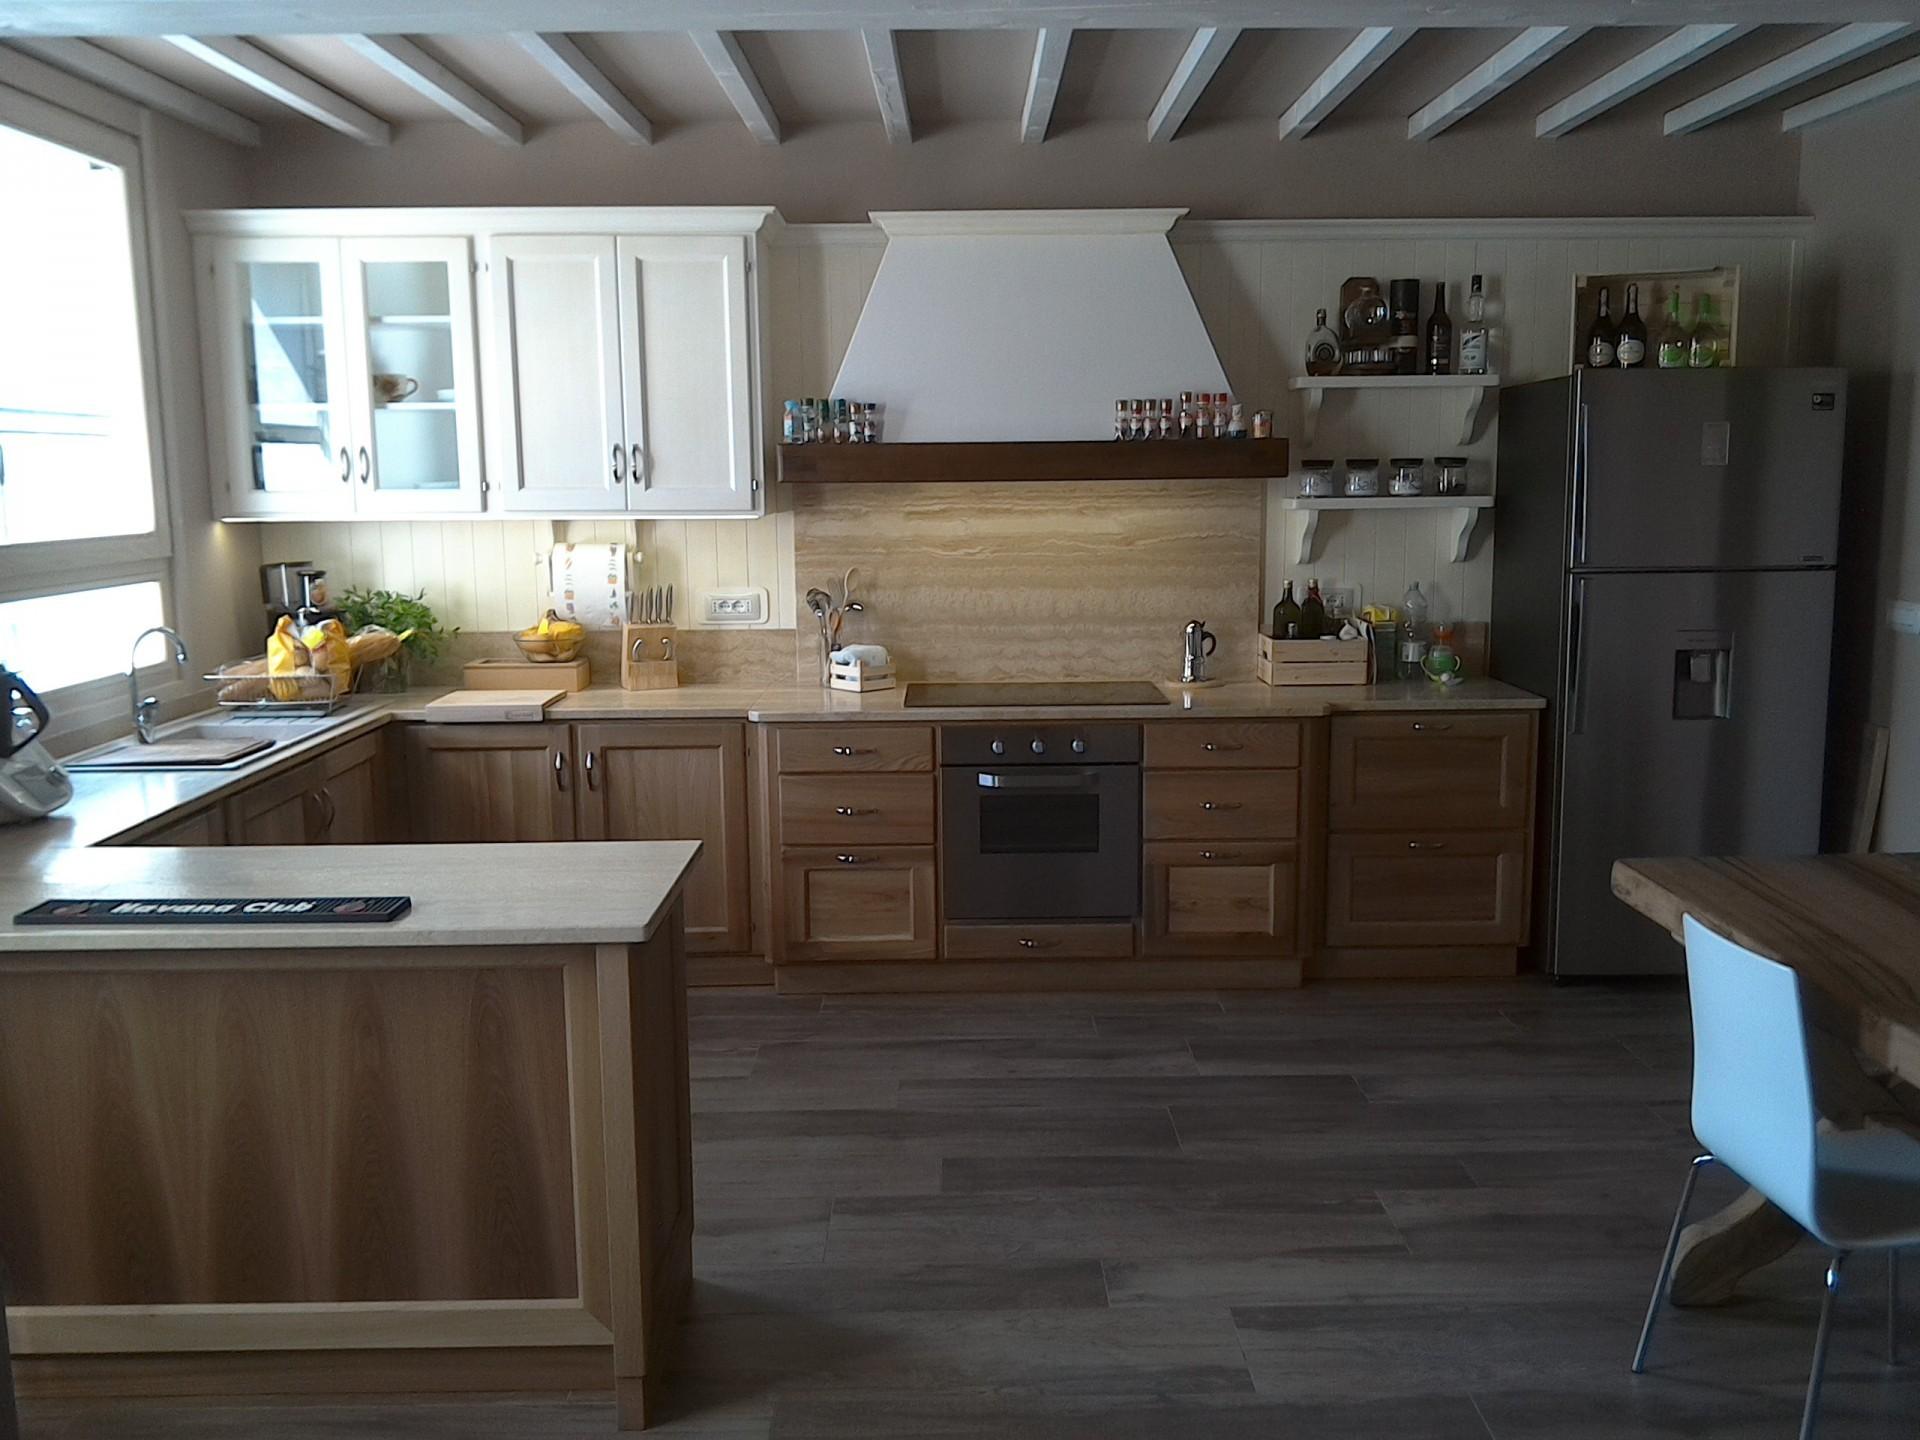 Cucine e arredamenti su misura fadini mobili cerea verona - Cucina country in muratura ...